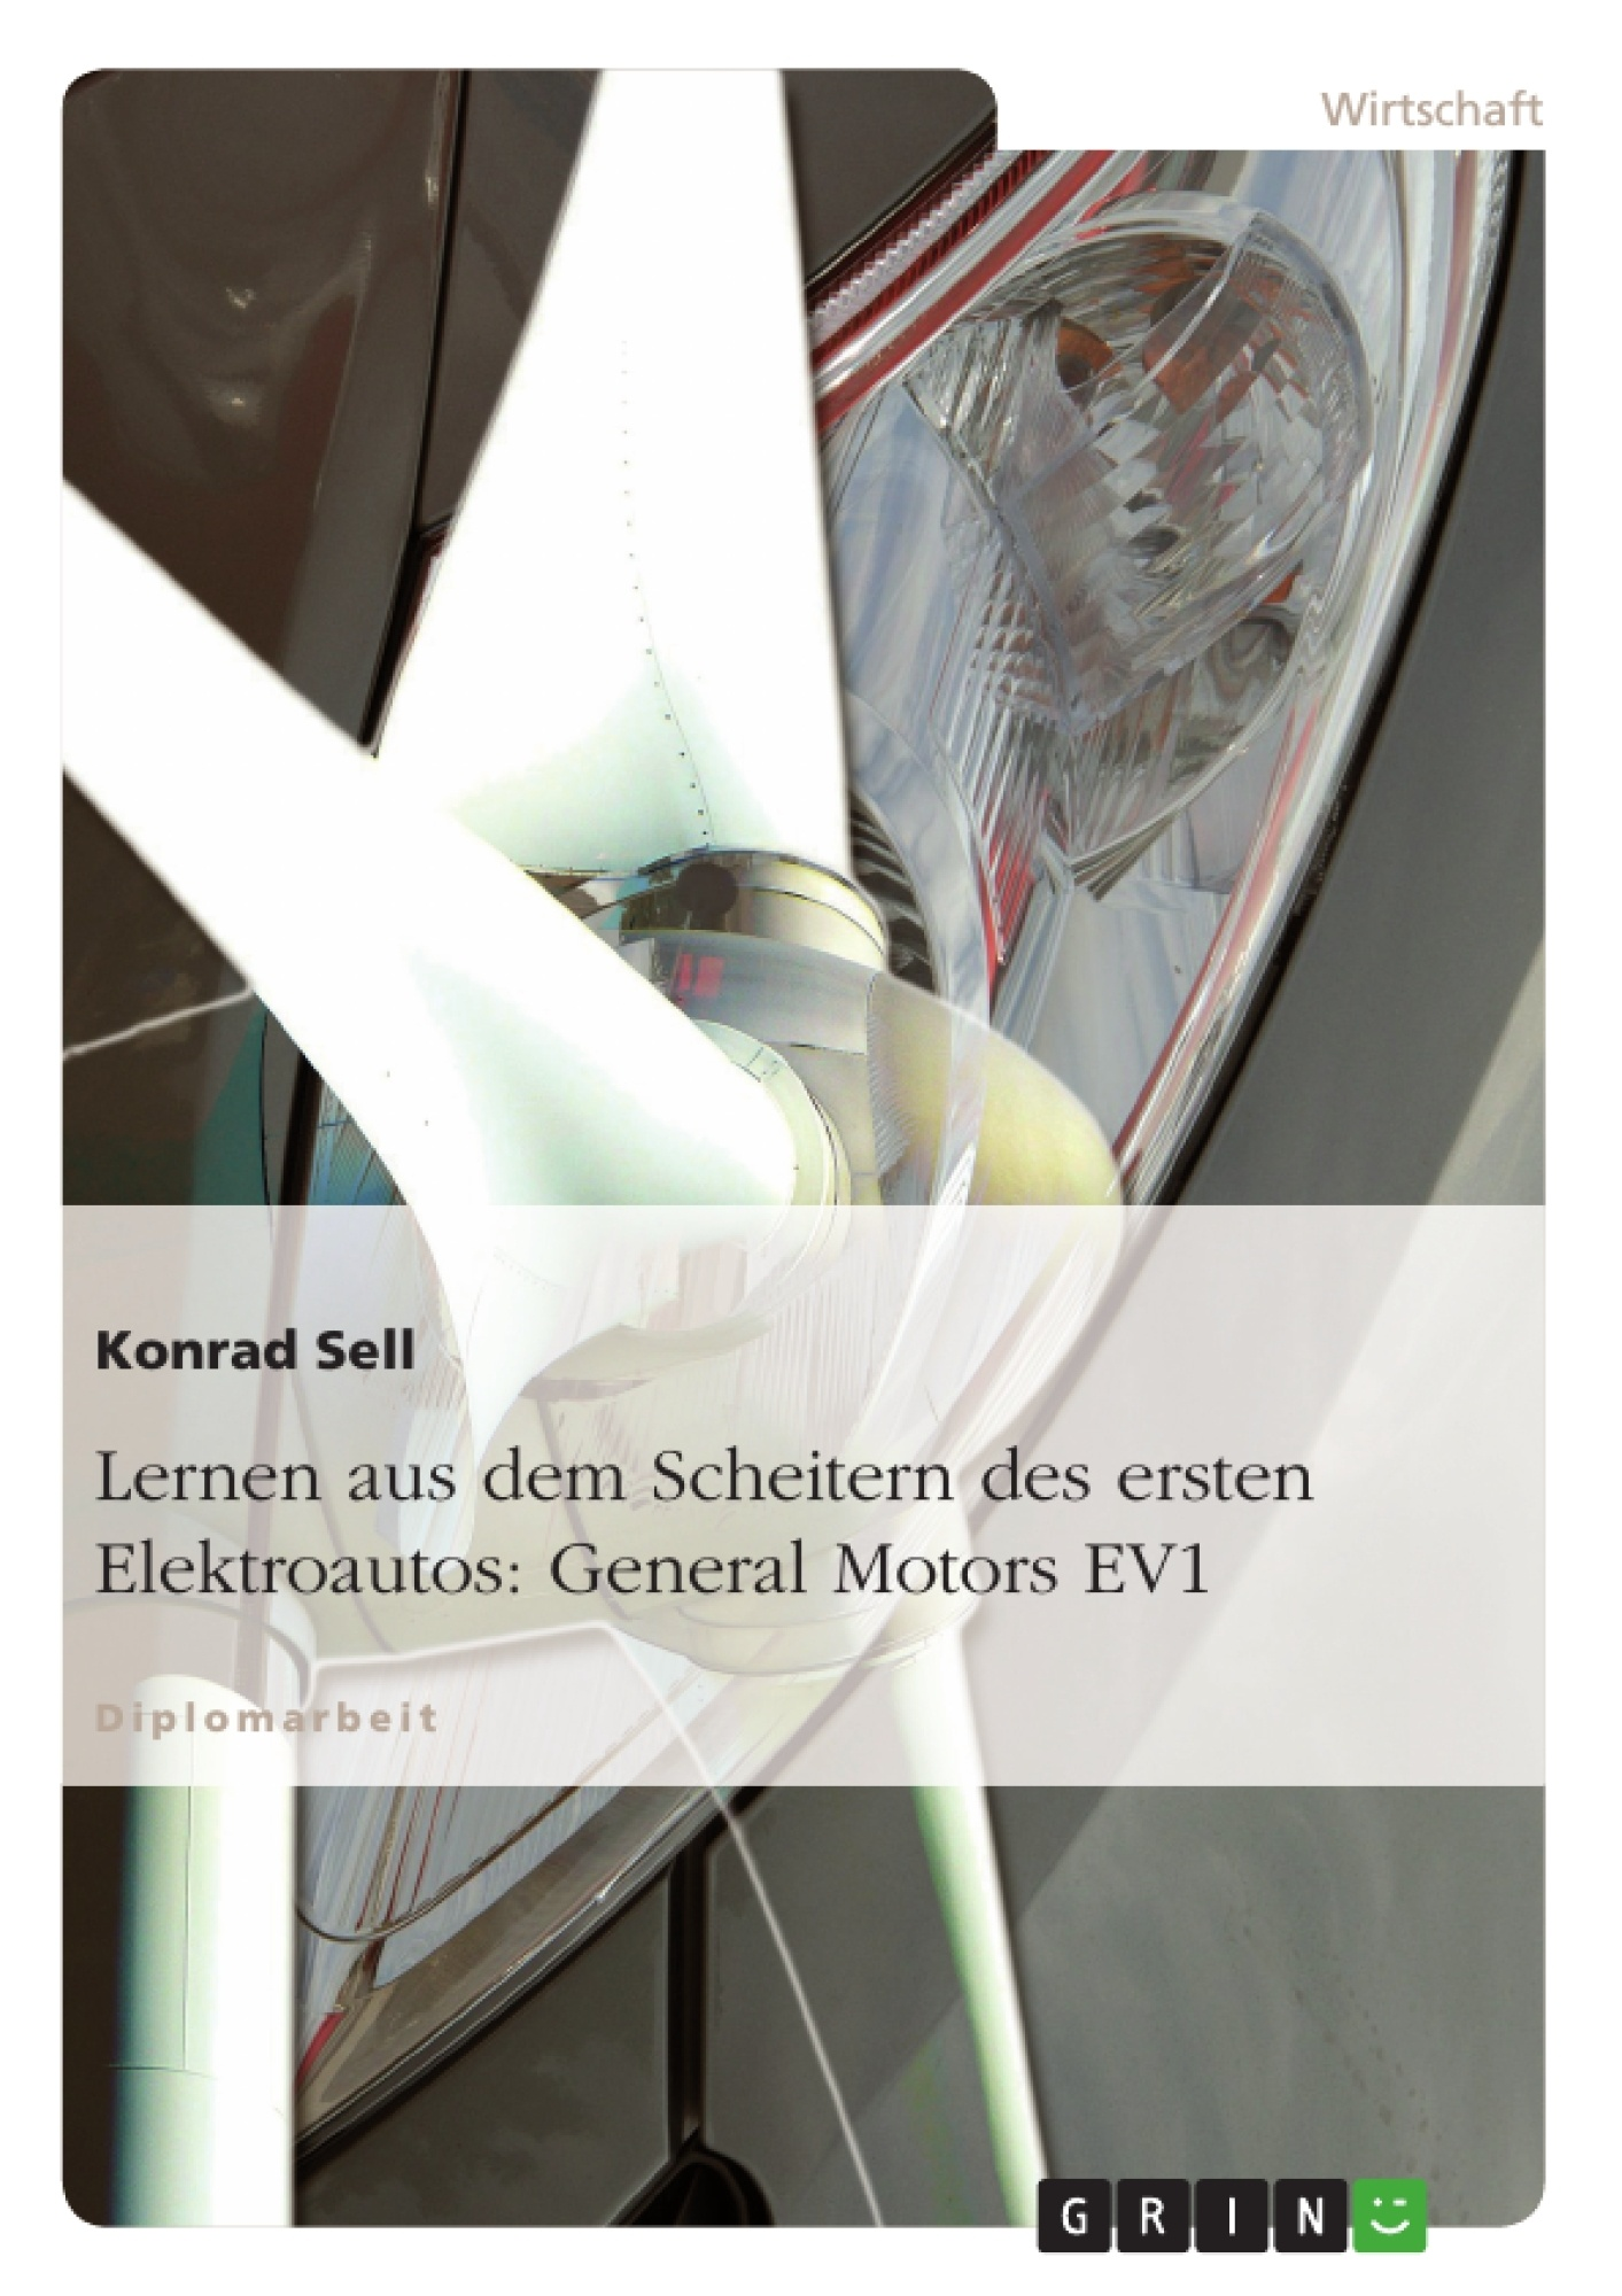 Titel: Lernen aus dem Scheitern des ersten Elektroautos: General Motors EV1